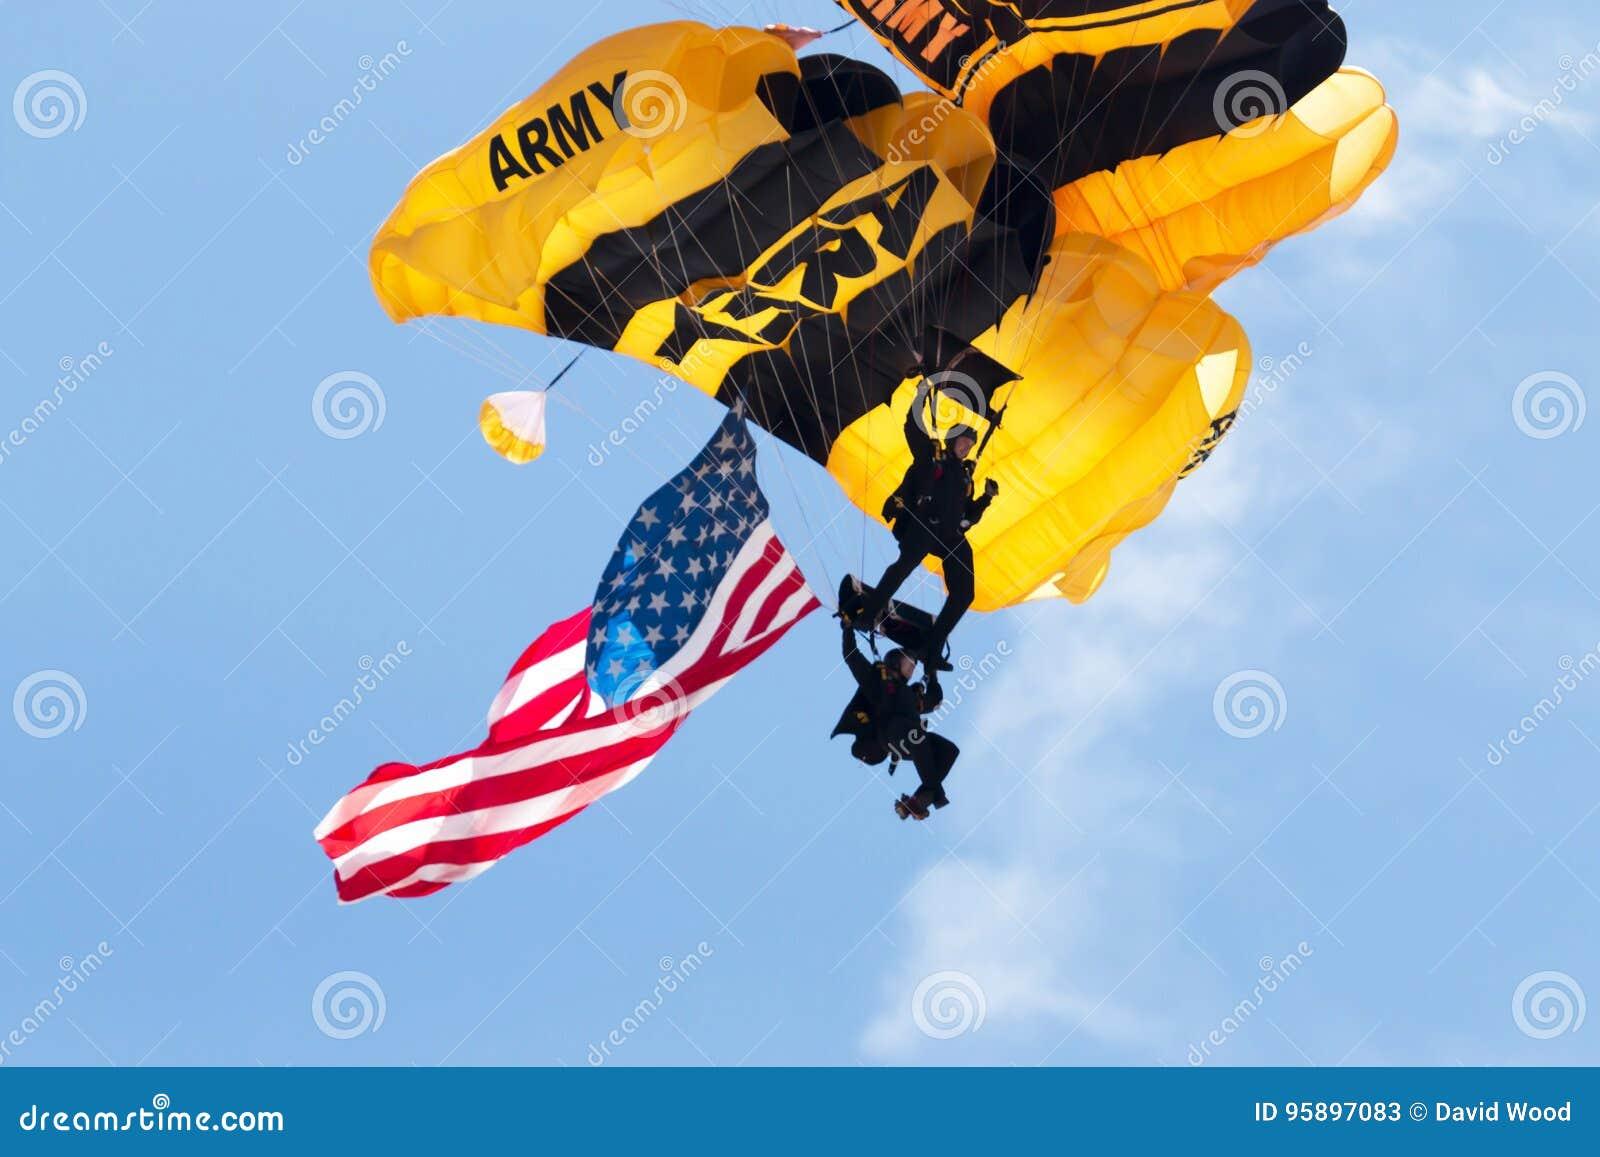 Zakończenie dwa wojsko usa spadochroniarza z flaga amerykańską